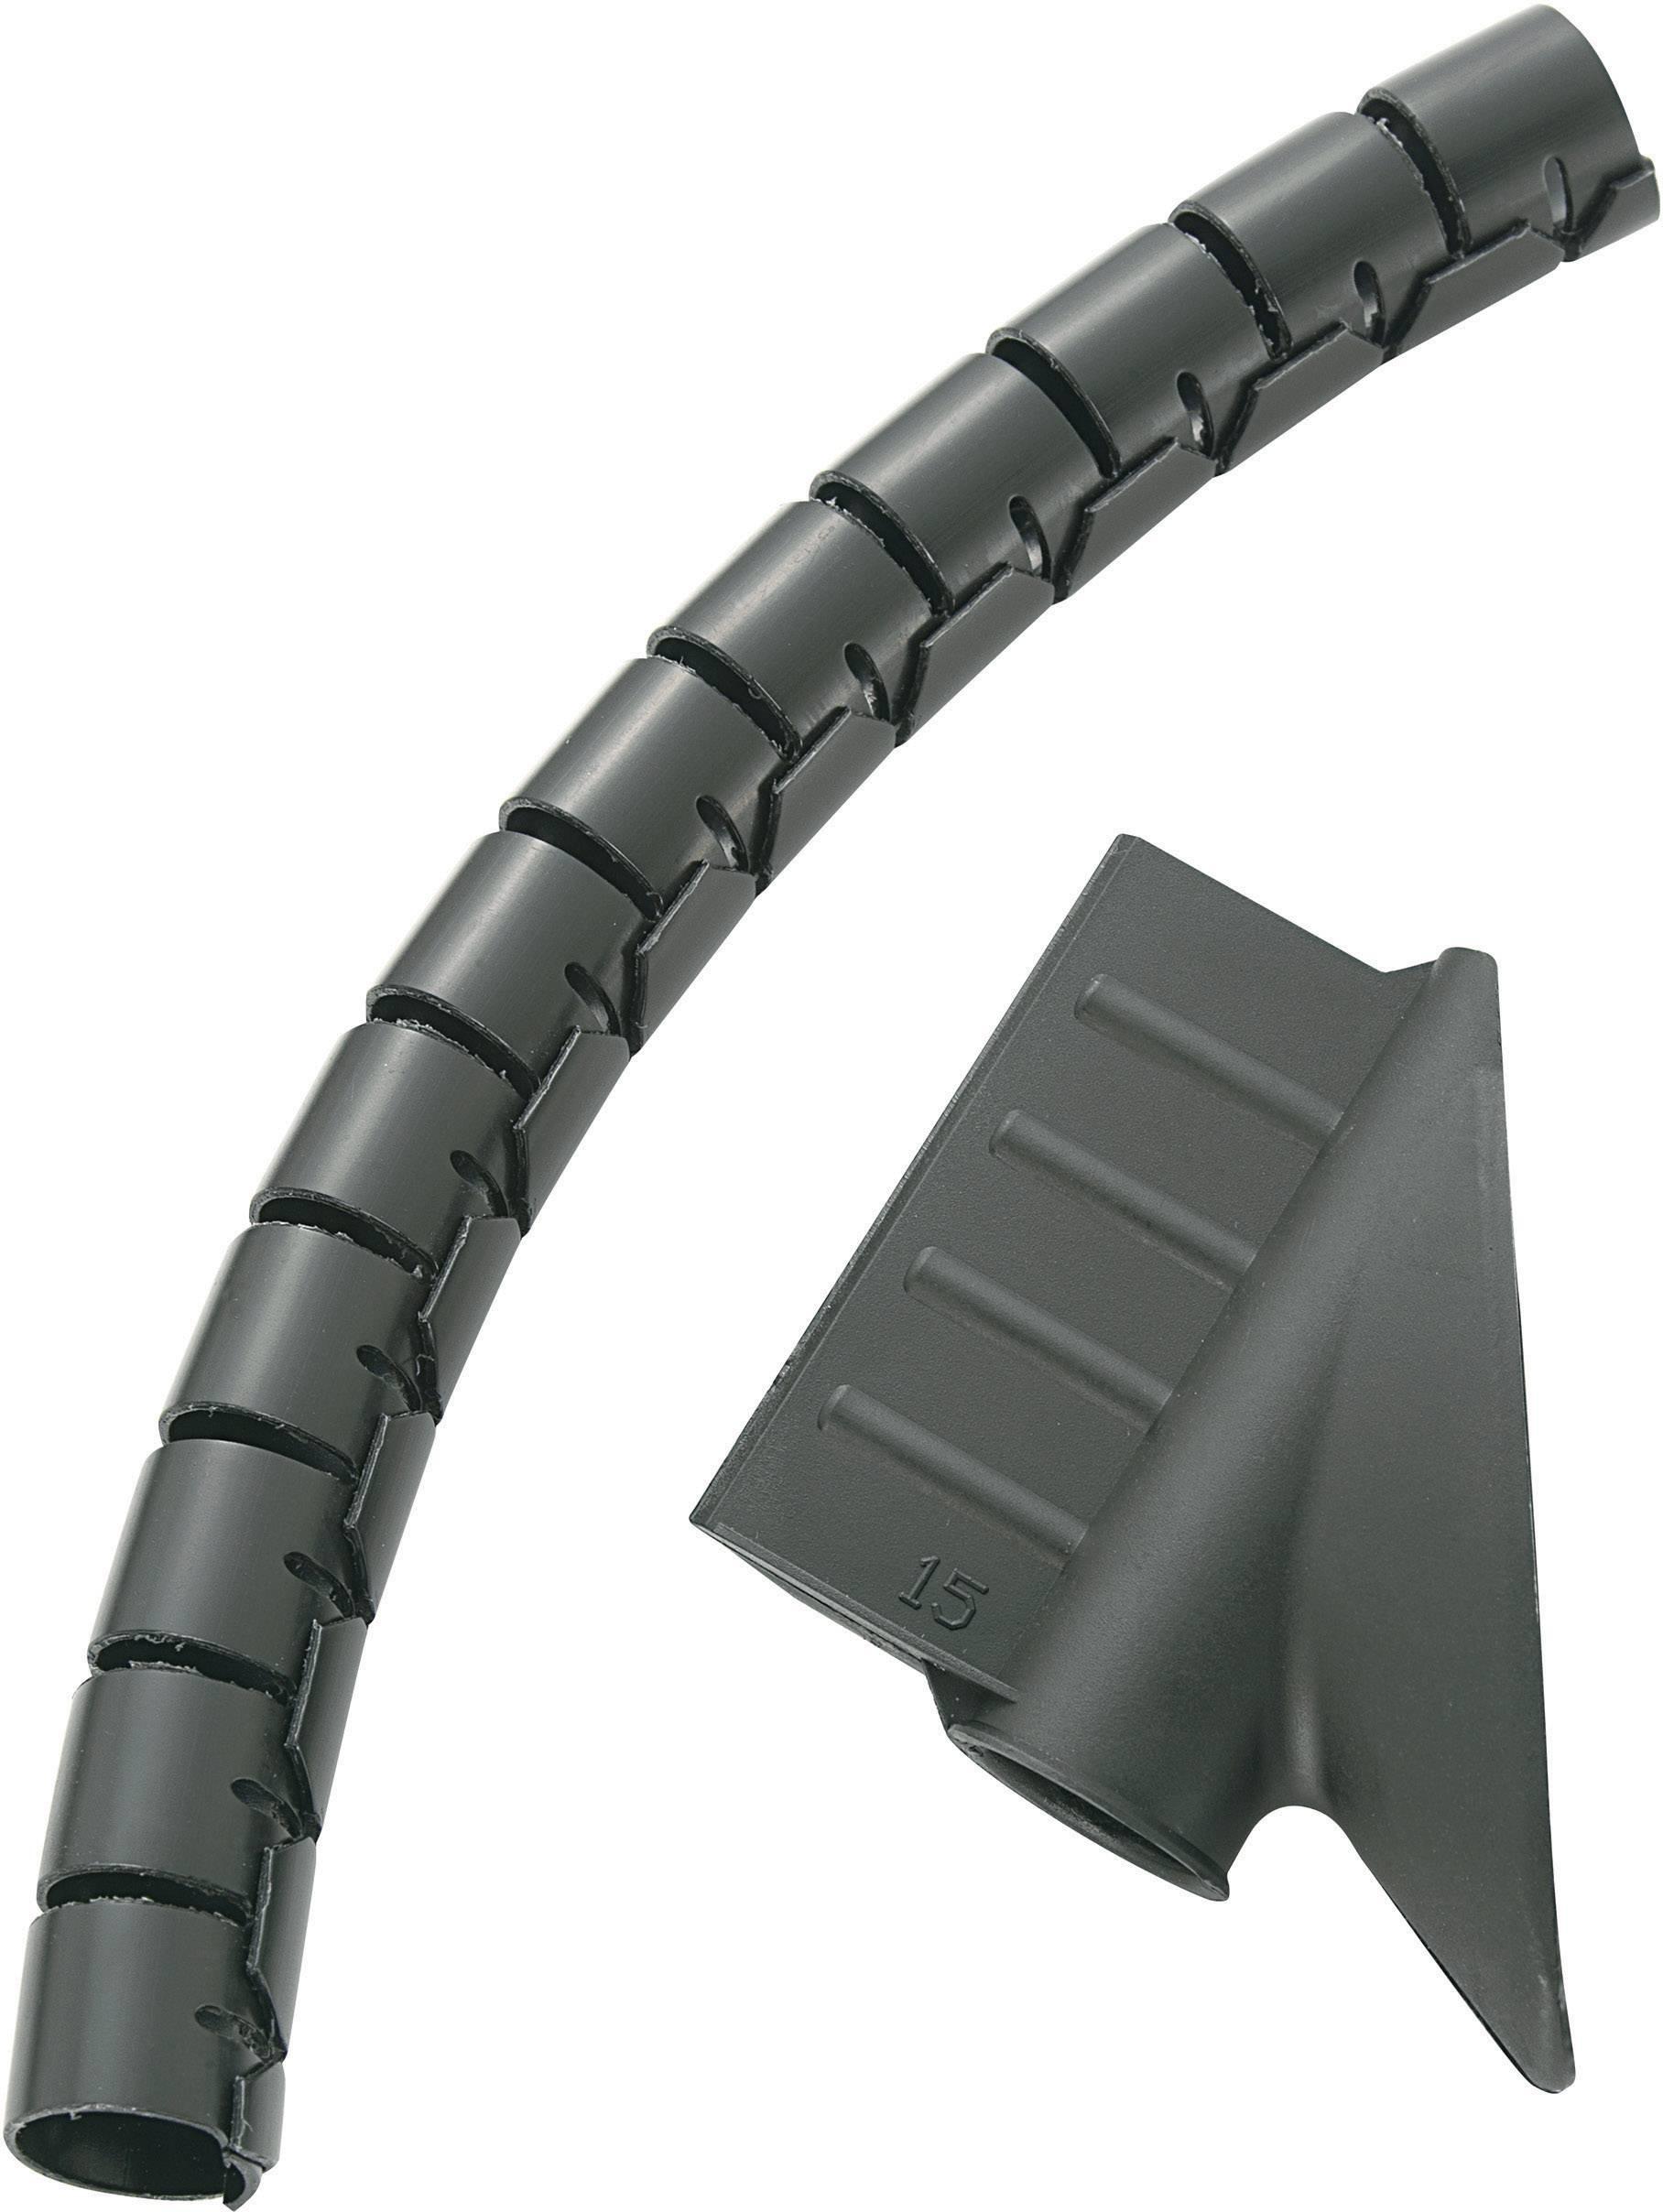 Spirálová trubice na kabely KSS MX-KLT32SL (28530c1035), 32 mm, stříbrná